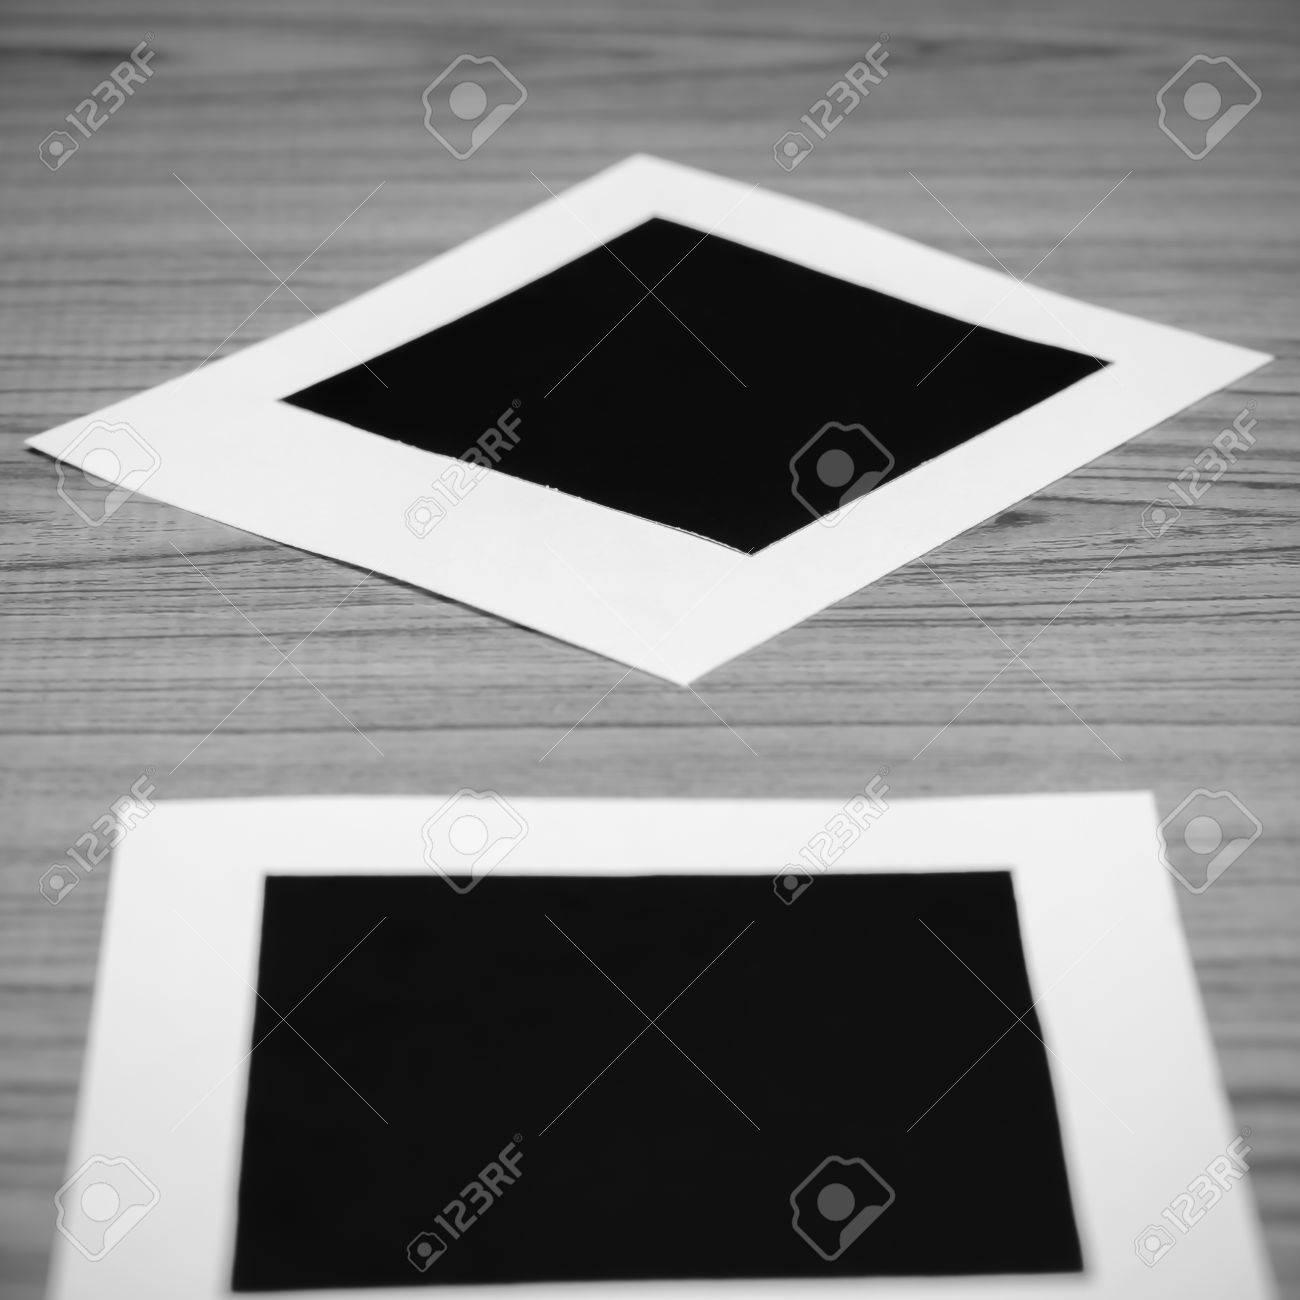 Fotorahmen Auf Holz Hintergrund Schwarz-Weiß-Farbton-Stil ...